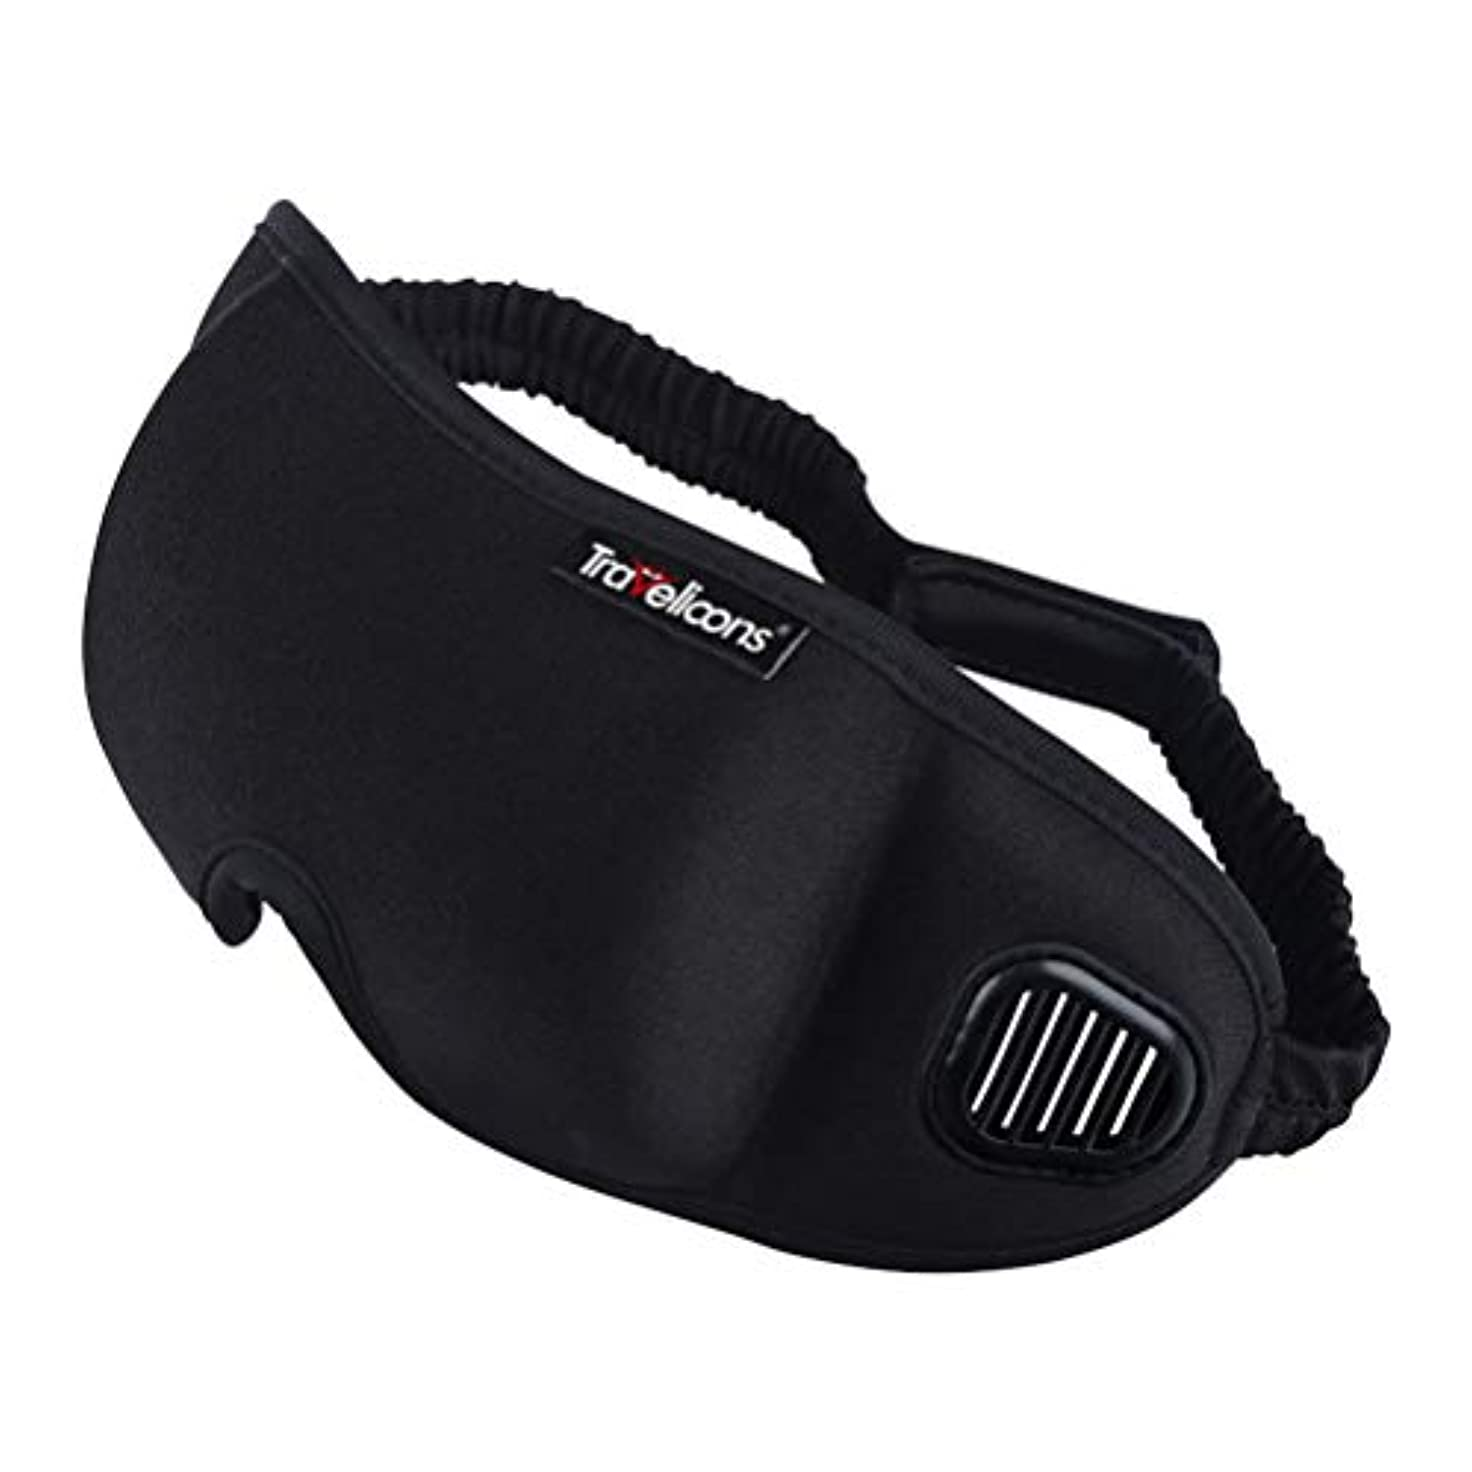 シミュレートする帰する記録Healifty 旅行の家の使用のための3D睡眠のマスクの通気性の綿の目隠しをしている睡眠の睡眠(耳栓のない黒)